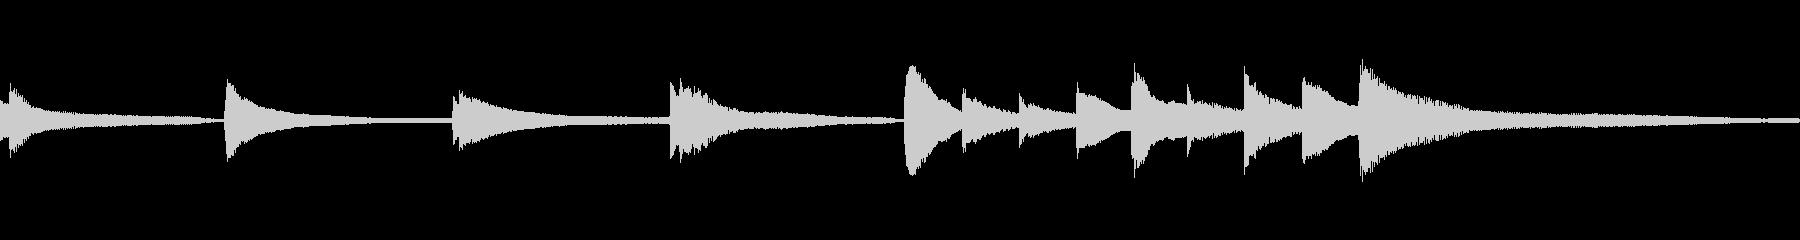 明るく楽しい音色のアコースティックの未再生の波形